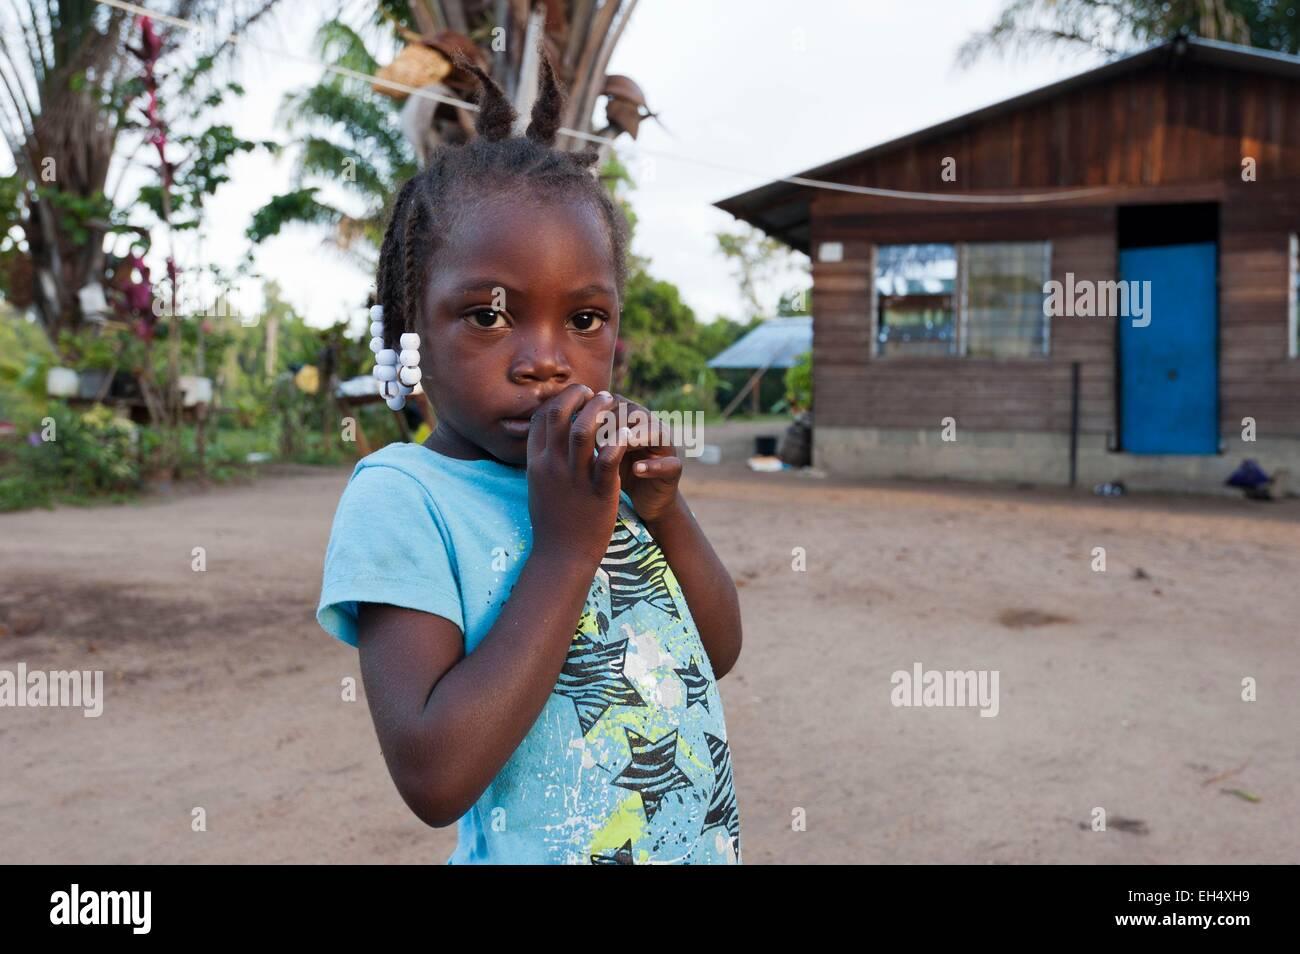 France, French Guiana, Parc Amazonien de Guyane (Guiana Amazonian Park), Belikampoe, portrait of a little girl - Stock Image